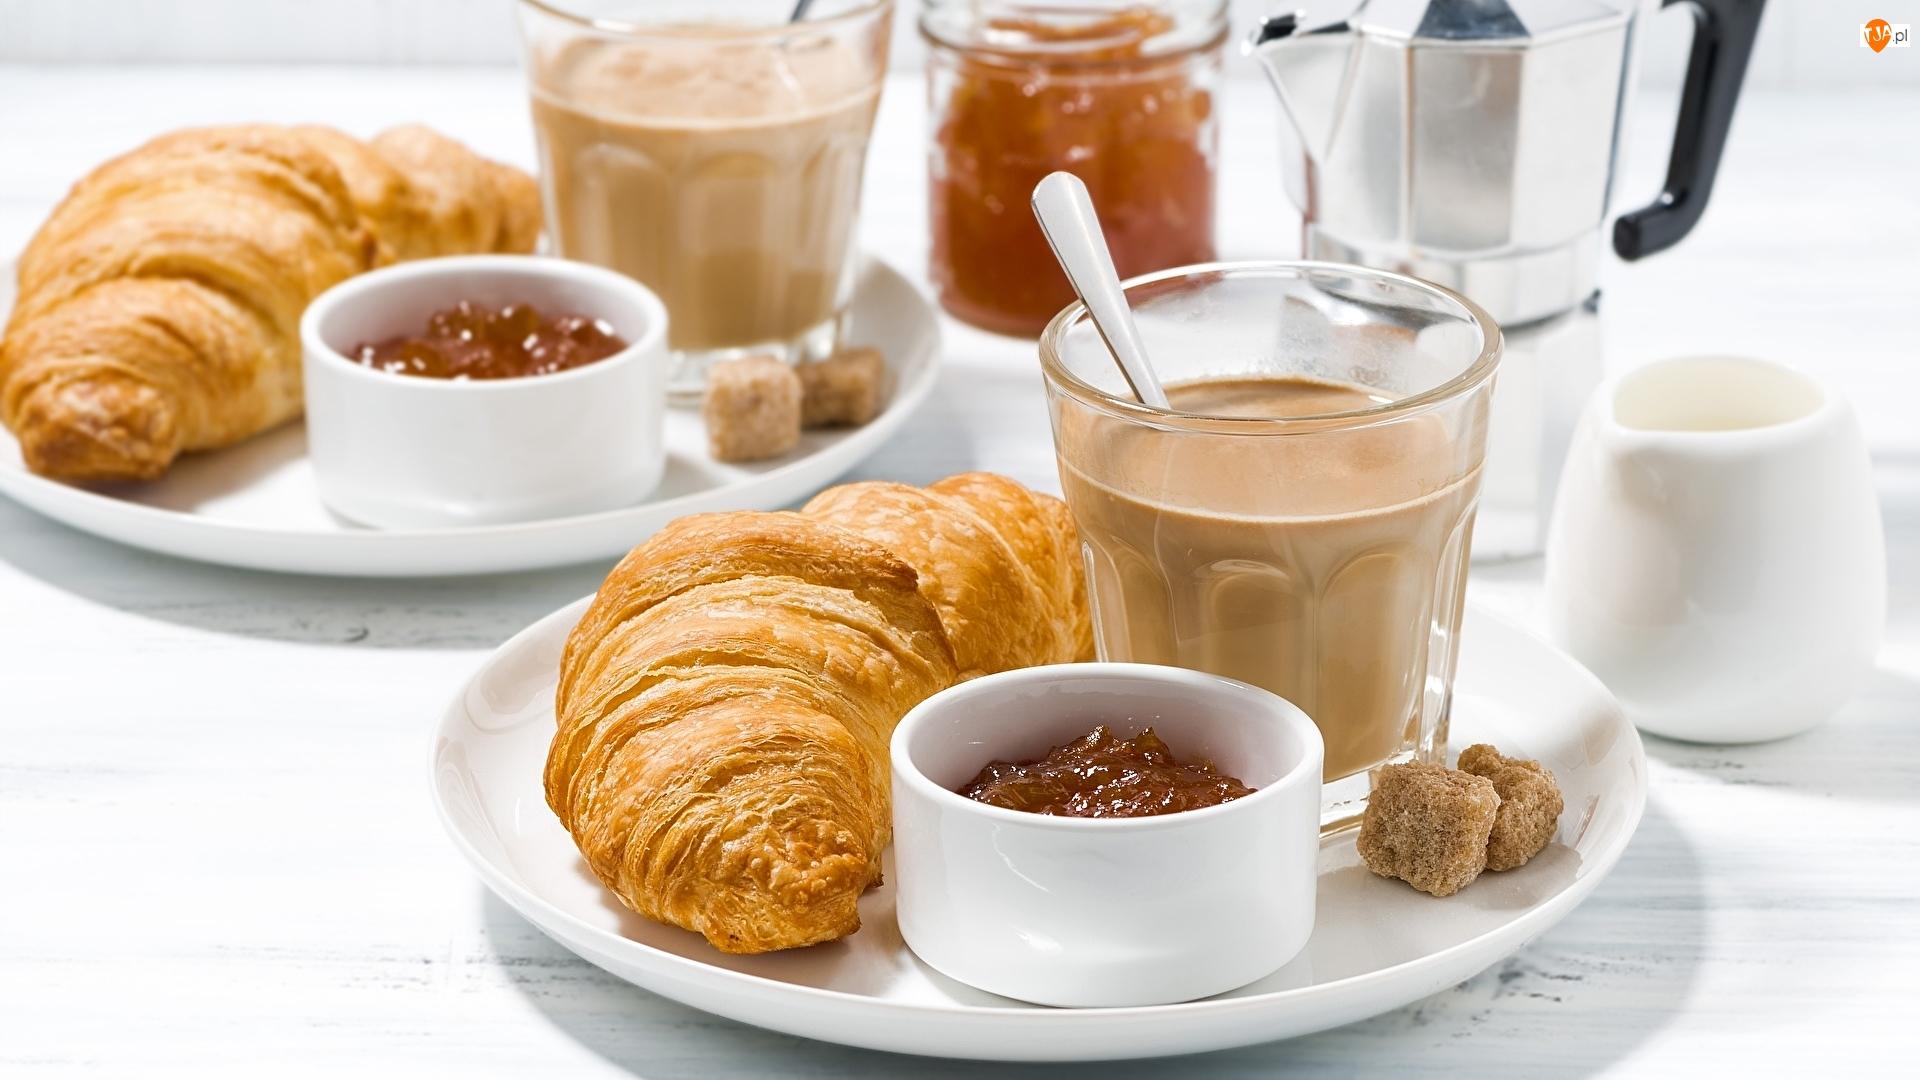 Rogaliki, Croissanty, Kostki cukru, Śniadanie, Talerz, Kawa, Dżem